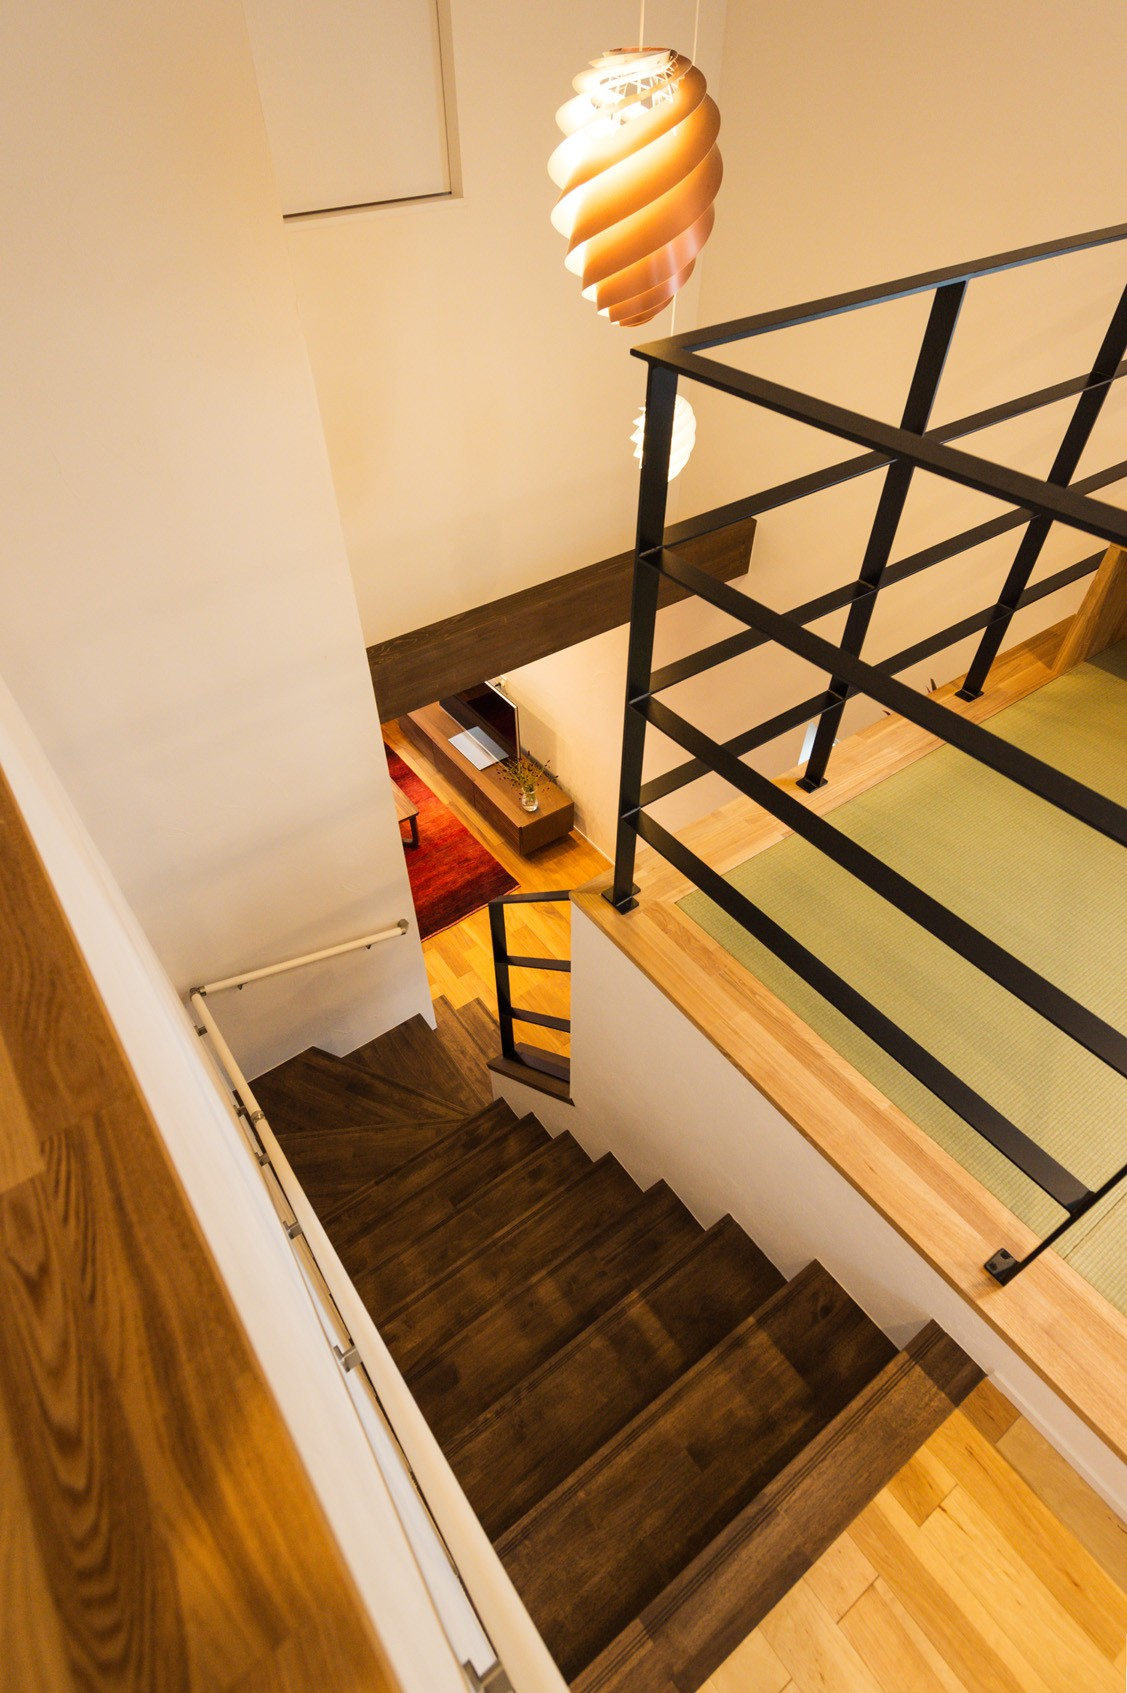 フクダハウジング株式会社「ワンランク上の美しさと機能性の高い家」のシンプル・ナチュラル・モダンな階段の実例写真